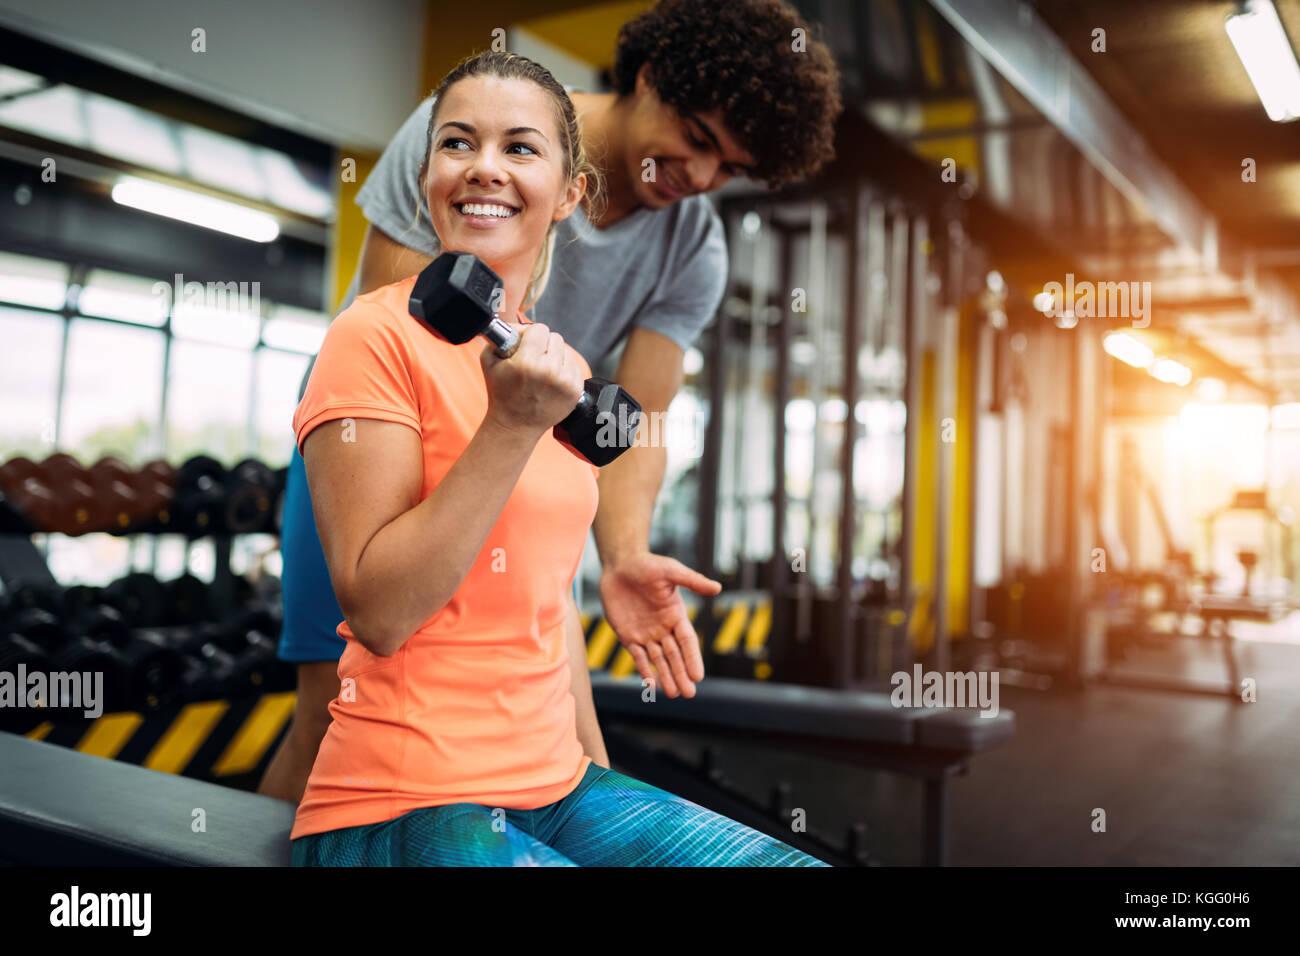 Hermosa joven mujer realizando ejercicios con entrenador personal Imagen De Stock